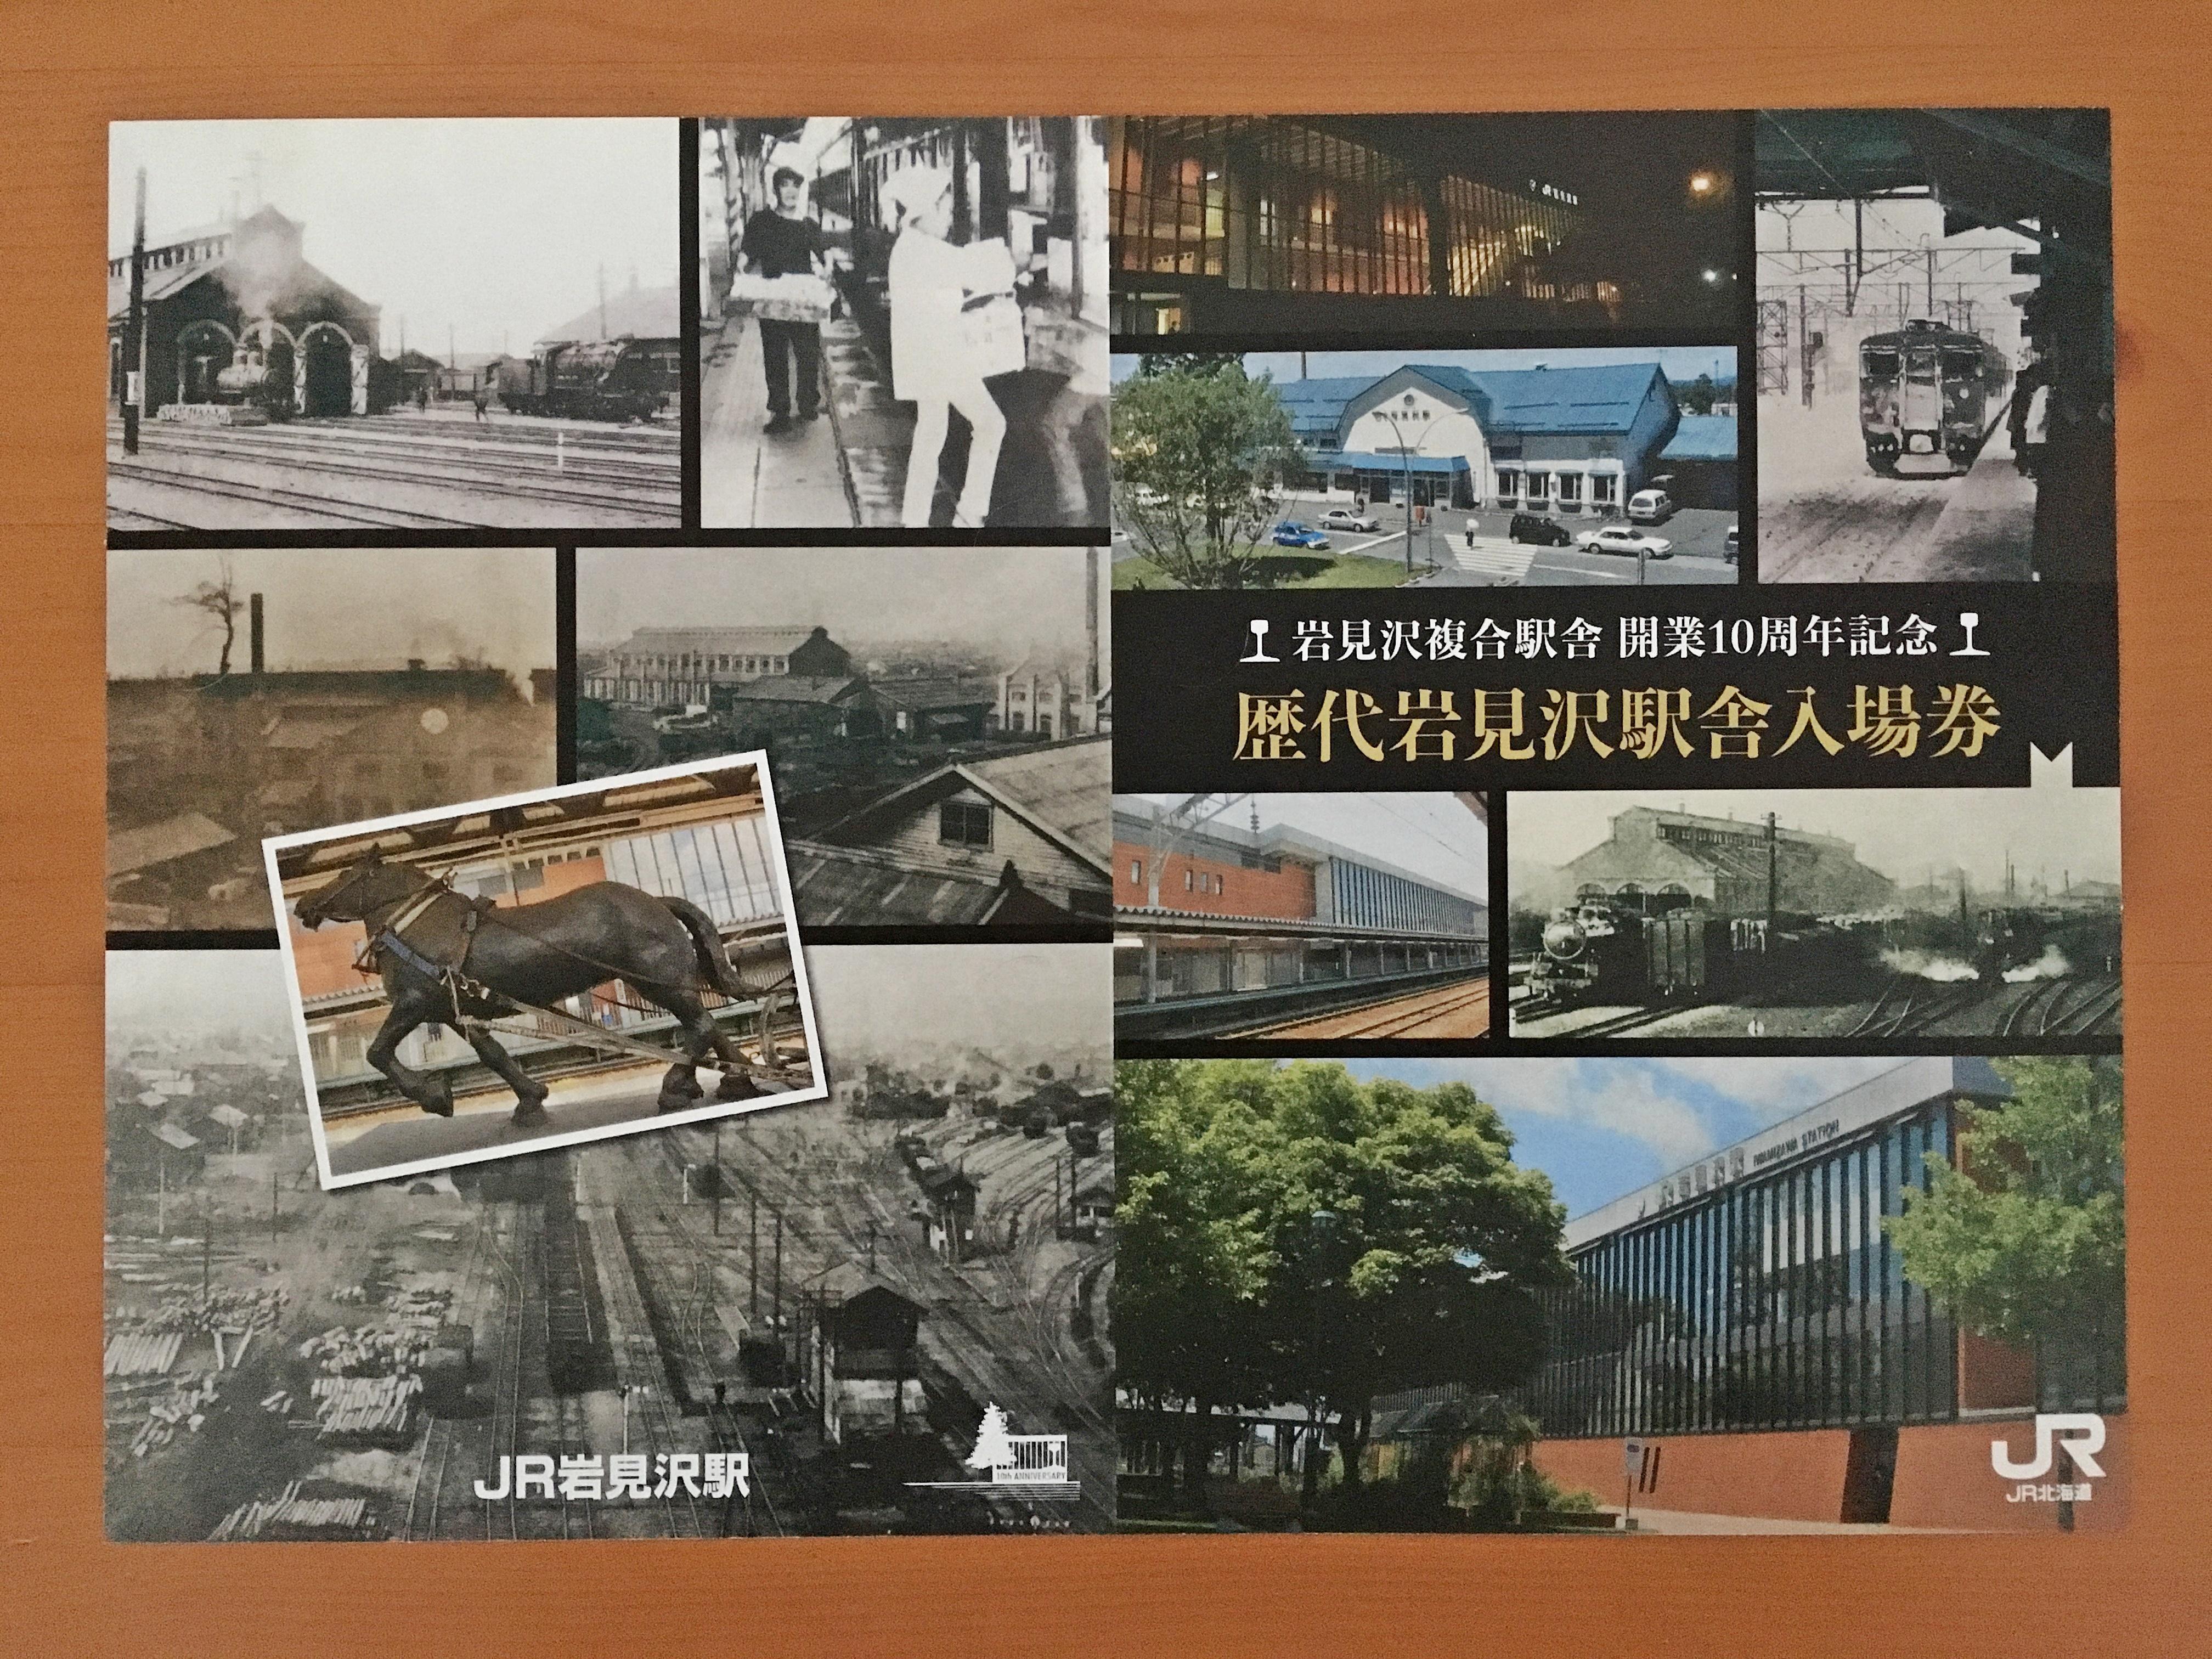 岩見沢駅複合駅舎 開業10周年記念入場券台紙.JPG